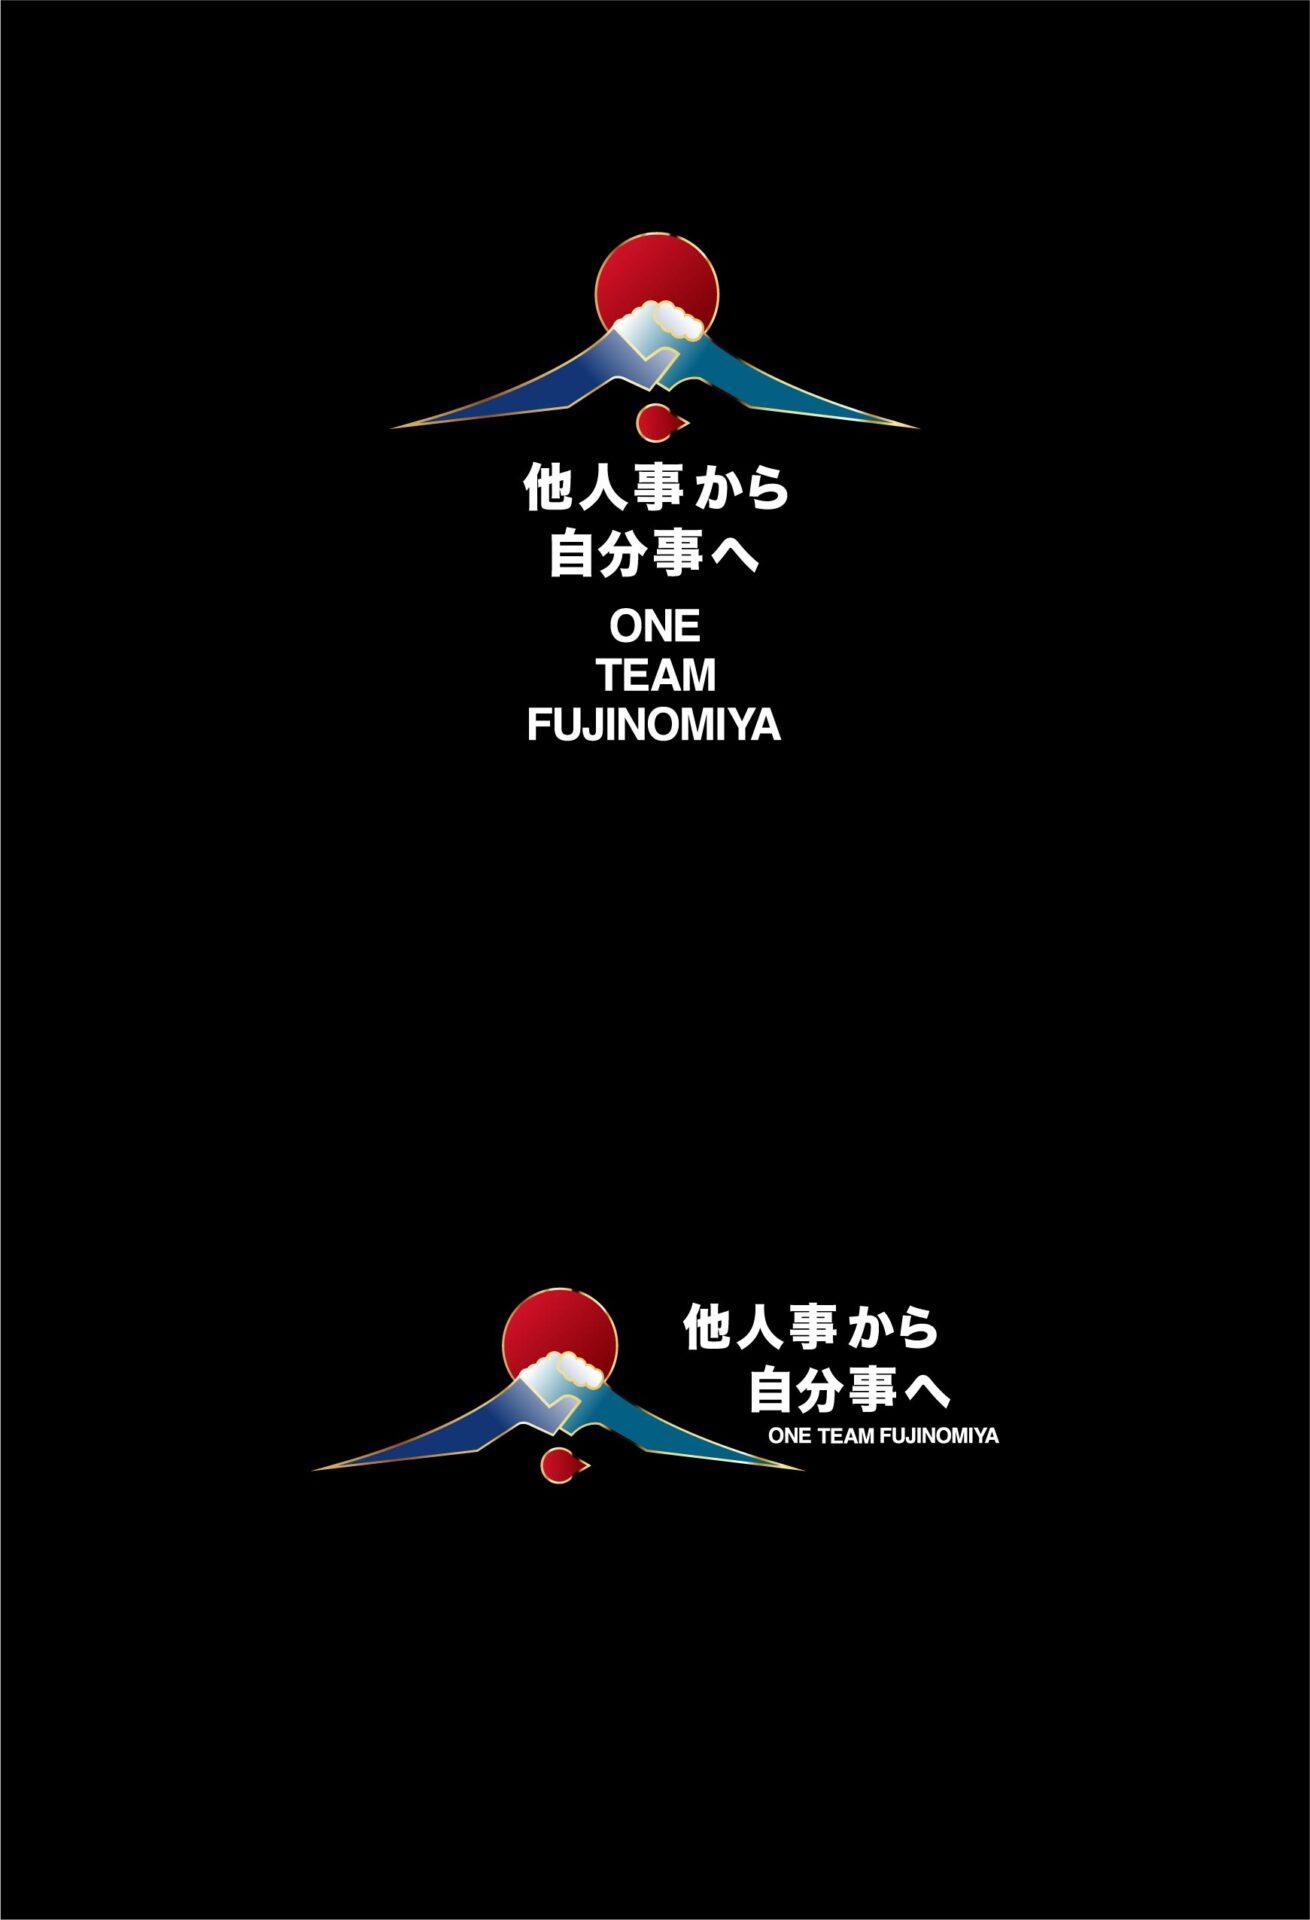 「FUJINOMIYA JCI」の実績画像